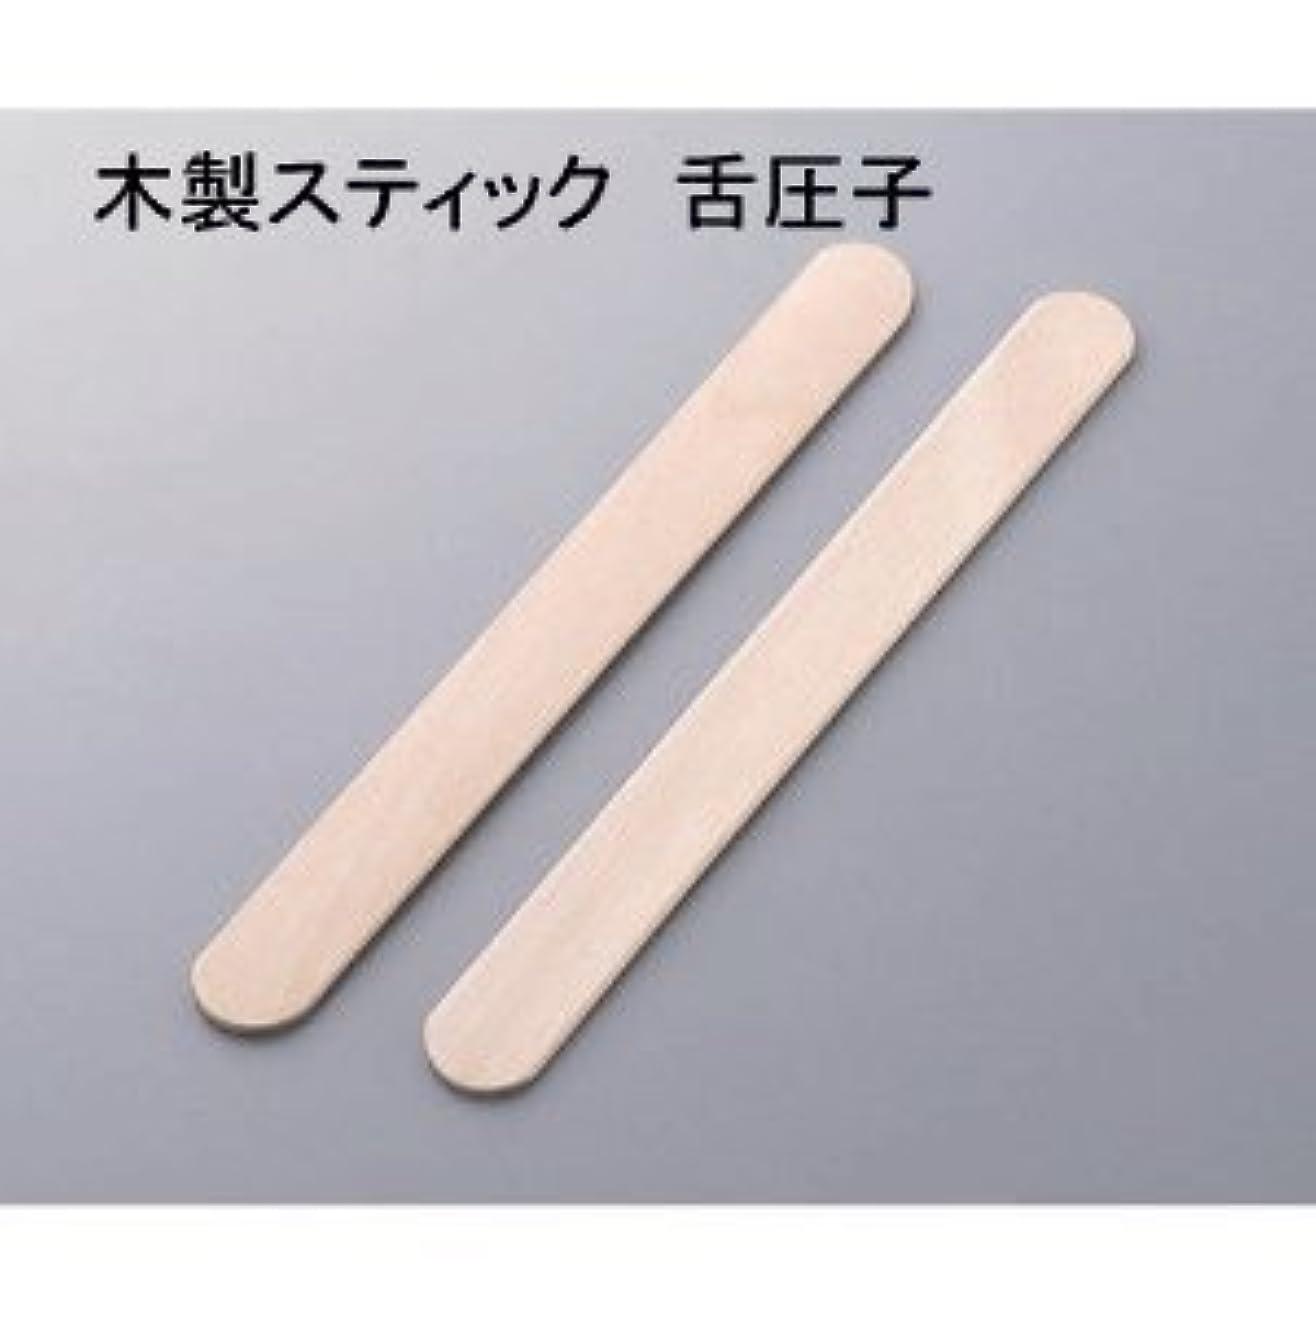 標準ボルト厚くする木製舌圧子150mm スパチュラ 脱毛 ハダカ 50本